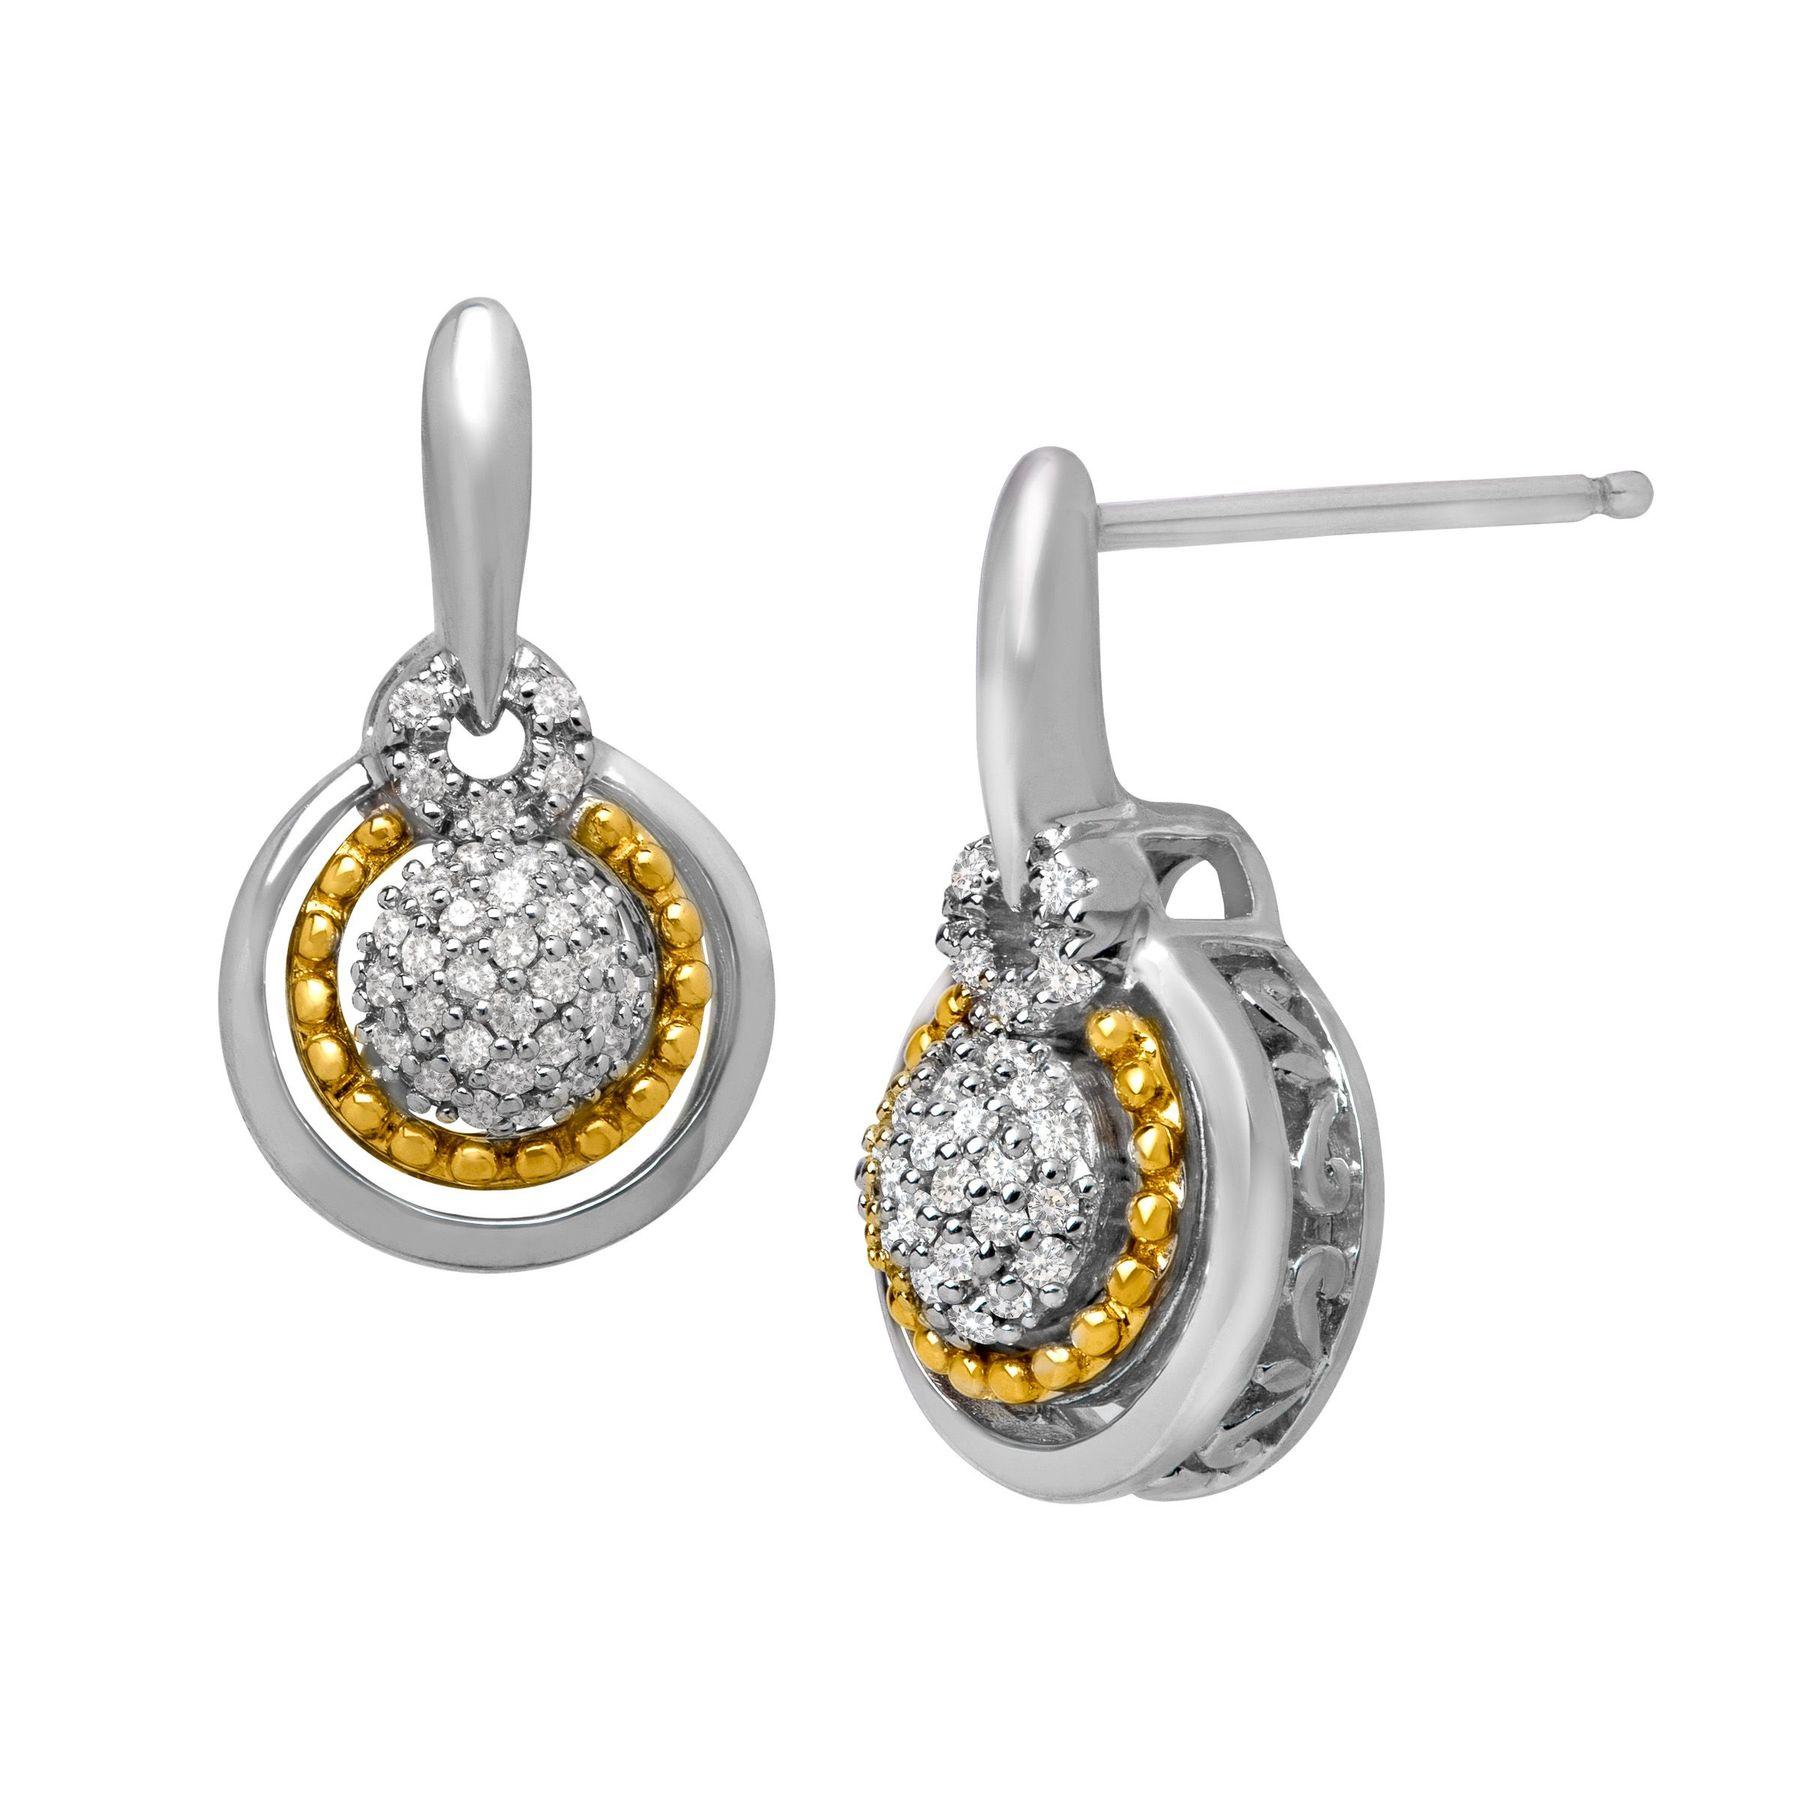 Finecraft 1/5 ct Diamond Earrings